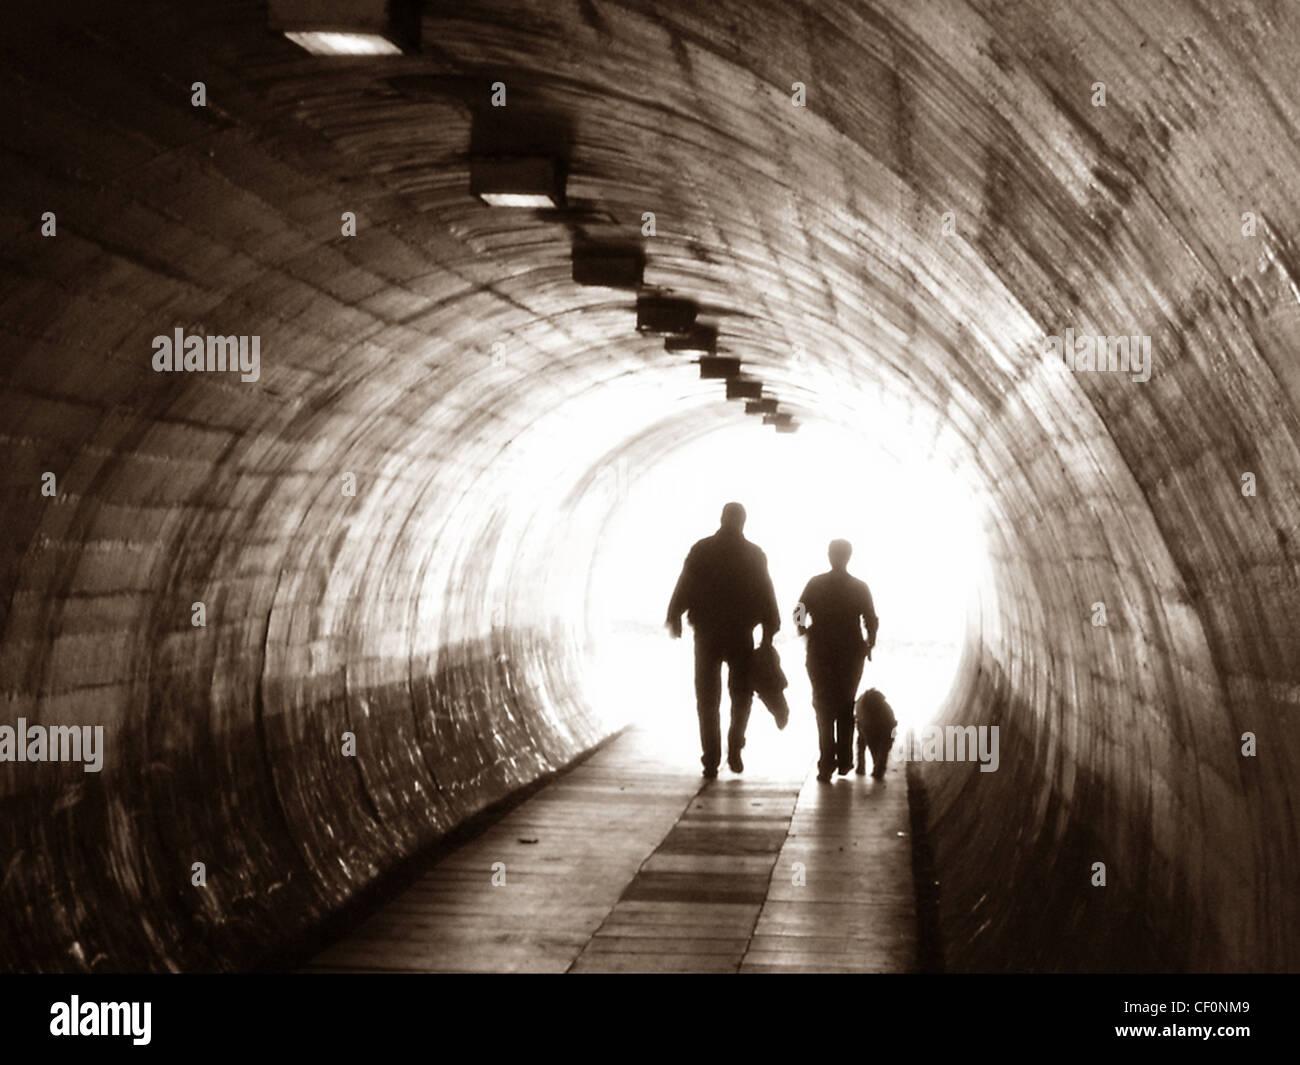 Laden Sie dieses Alamy Stockfoto Zwei Personen und einem Hund zu Fuß durch einen Tunnel am Latchford (aus Kingsway), Warrington, Cheshire, England, UK - CF0NM9